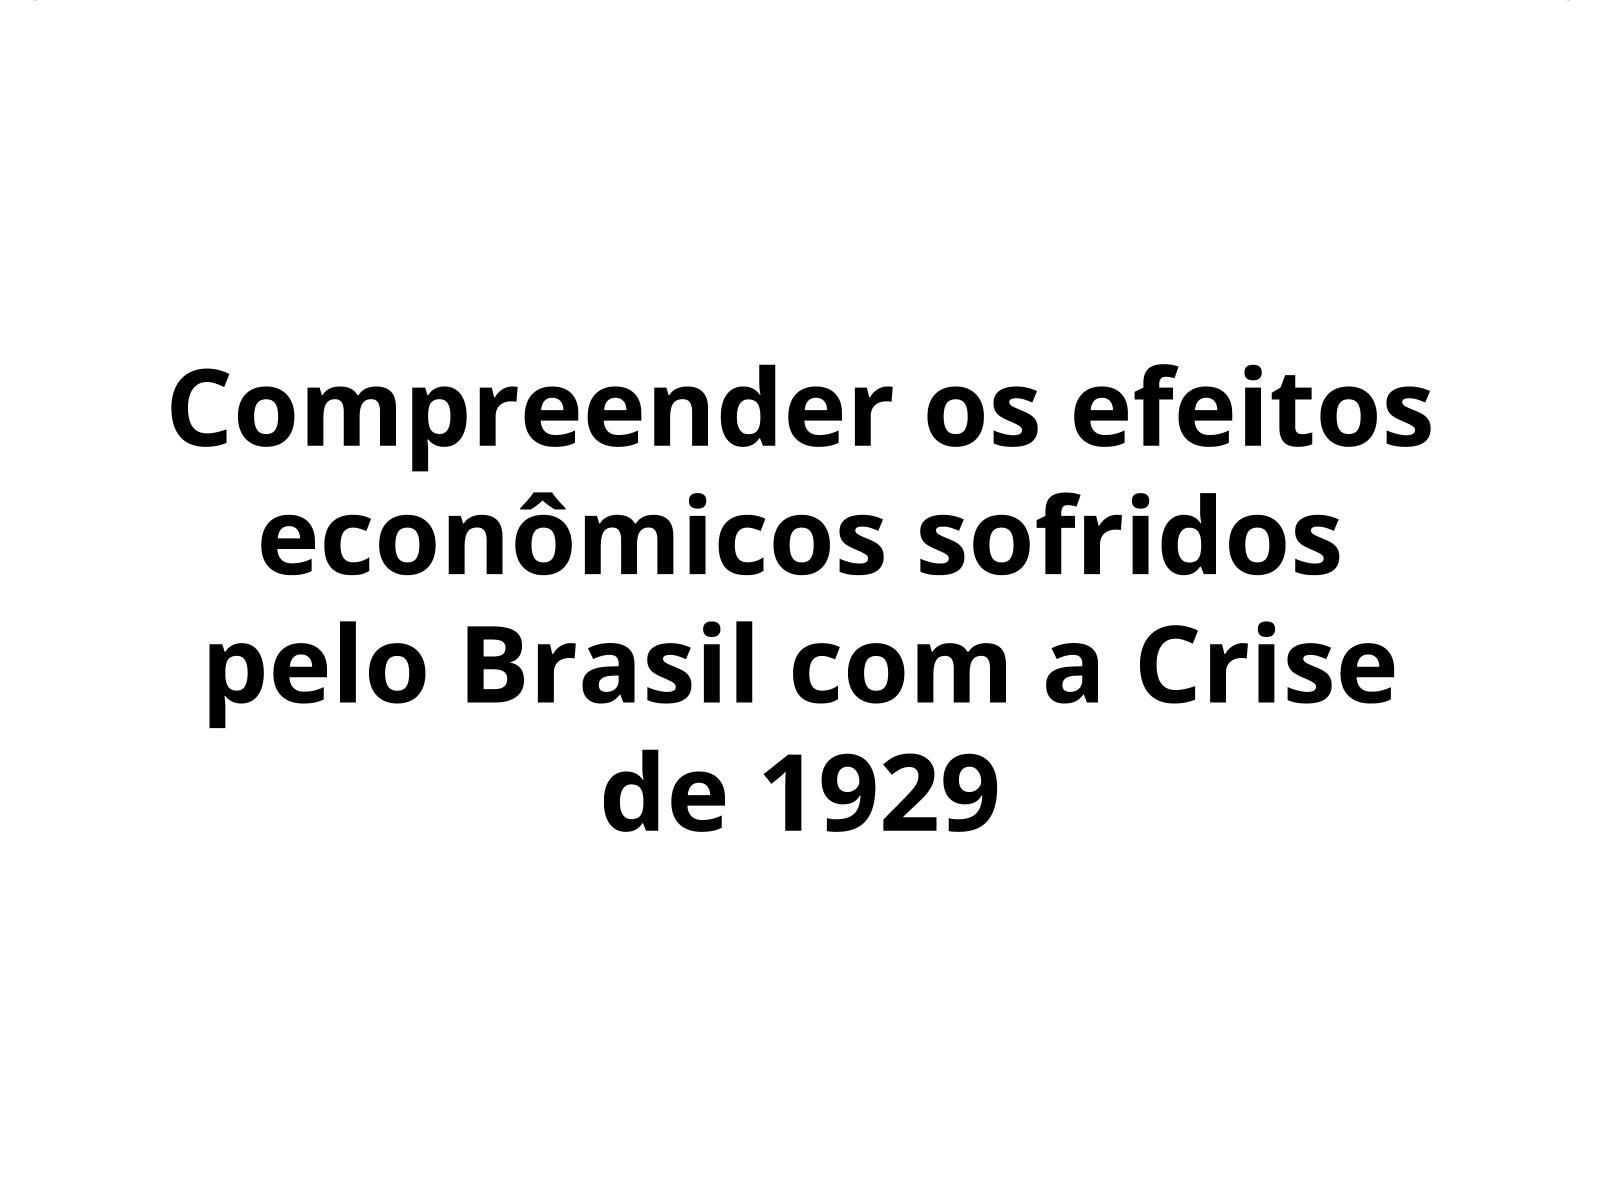 A crise de 1929 e seus efeitos no Brasil